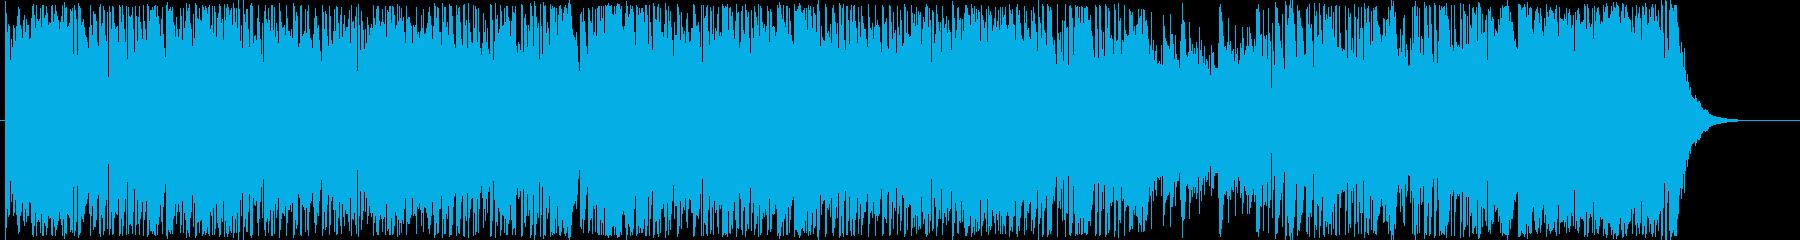 駆け回るようなアップテンポな曲の再生済みの波形